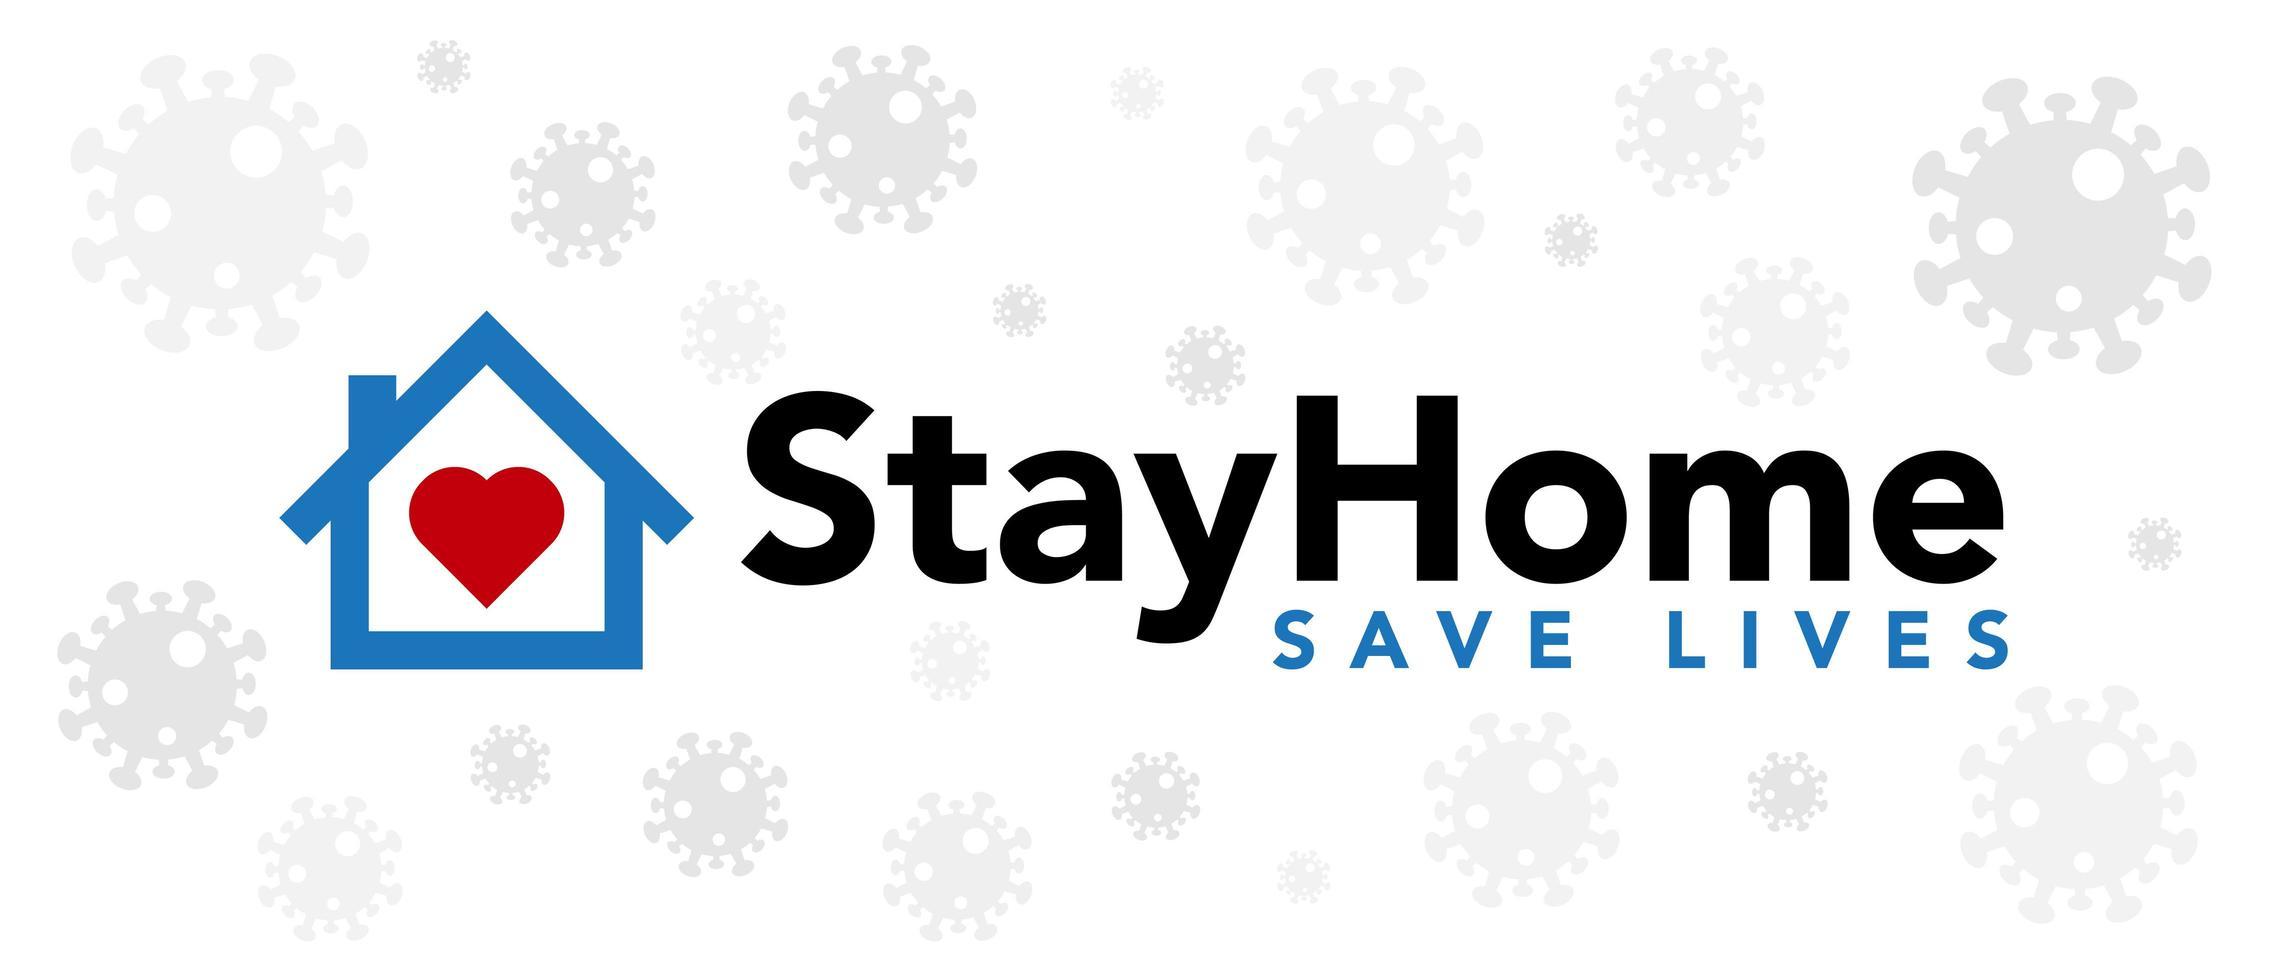 rester à la maison sauver des vies bannière de coronavirus vecteur